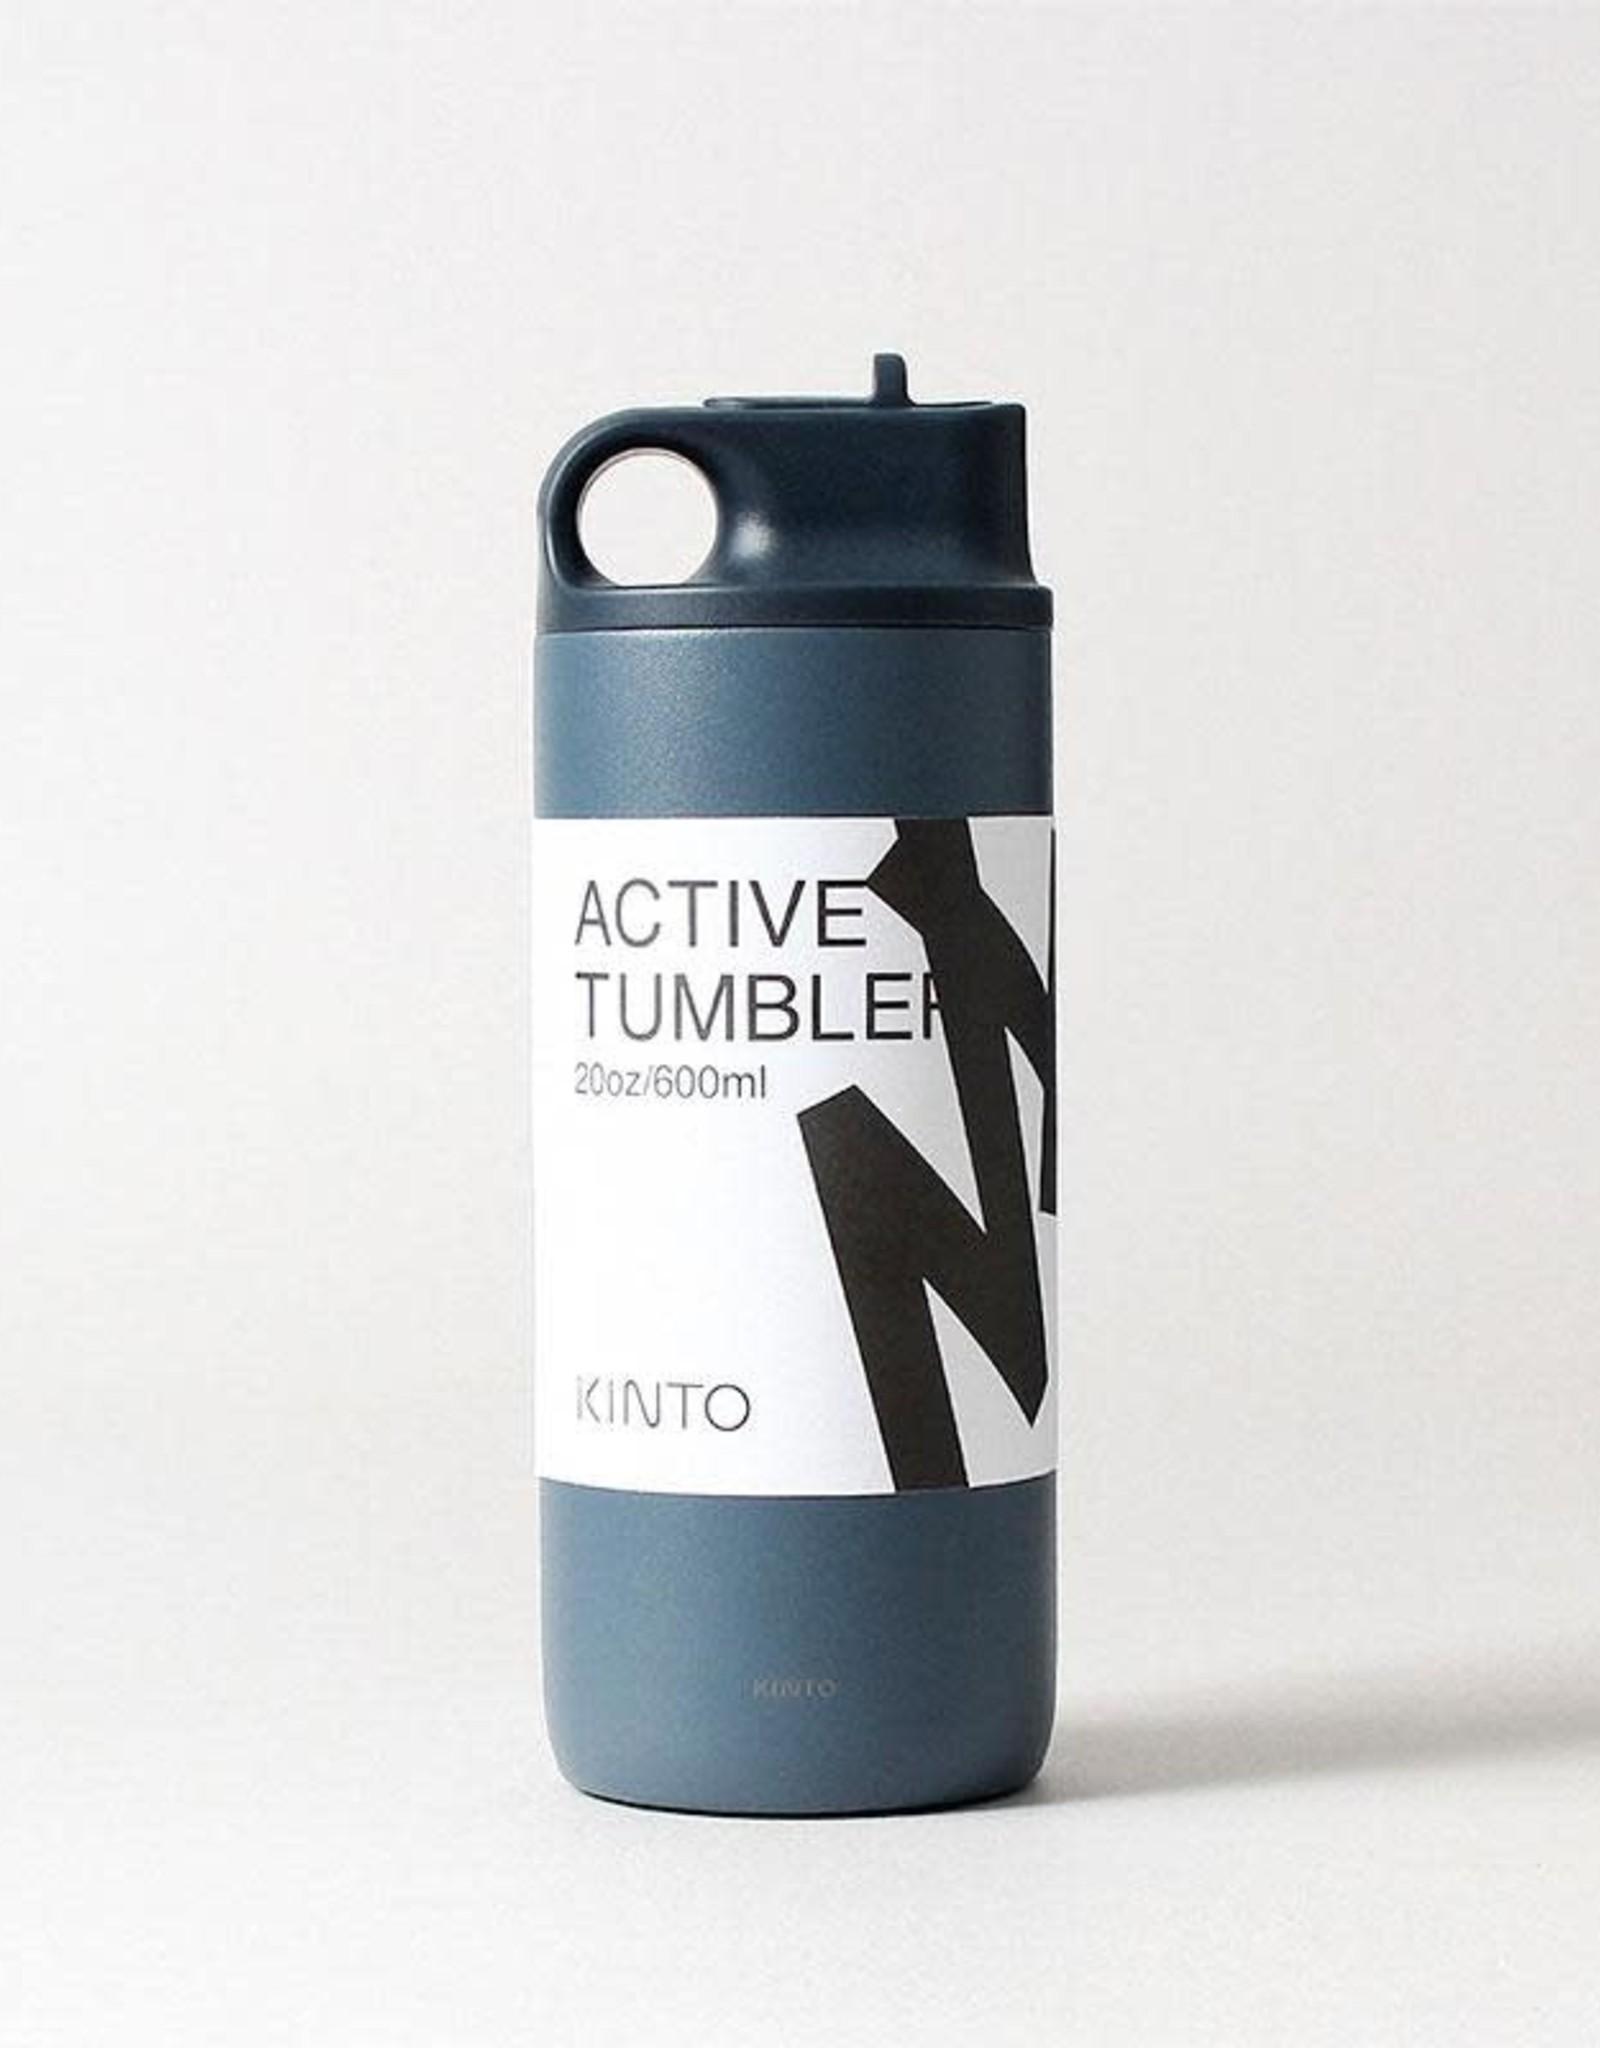 Kinto Active Tumbler 600ml - Blue Grey